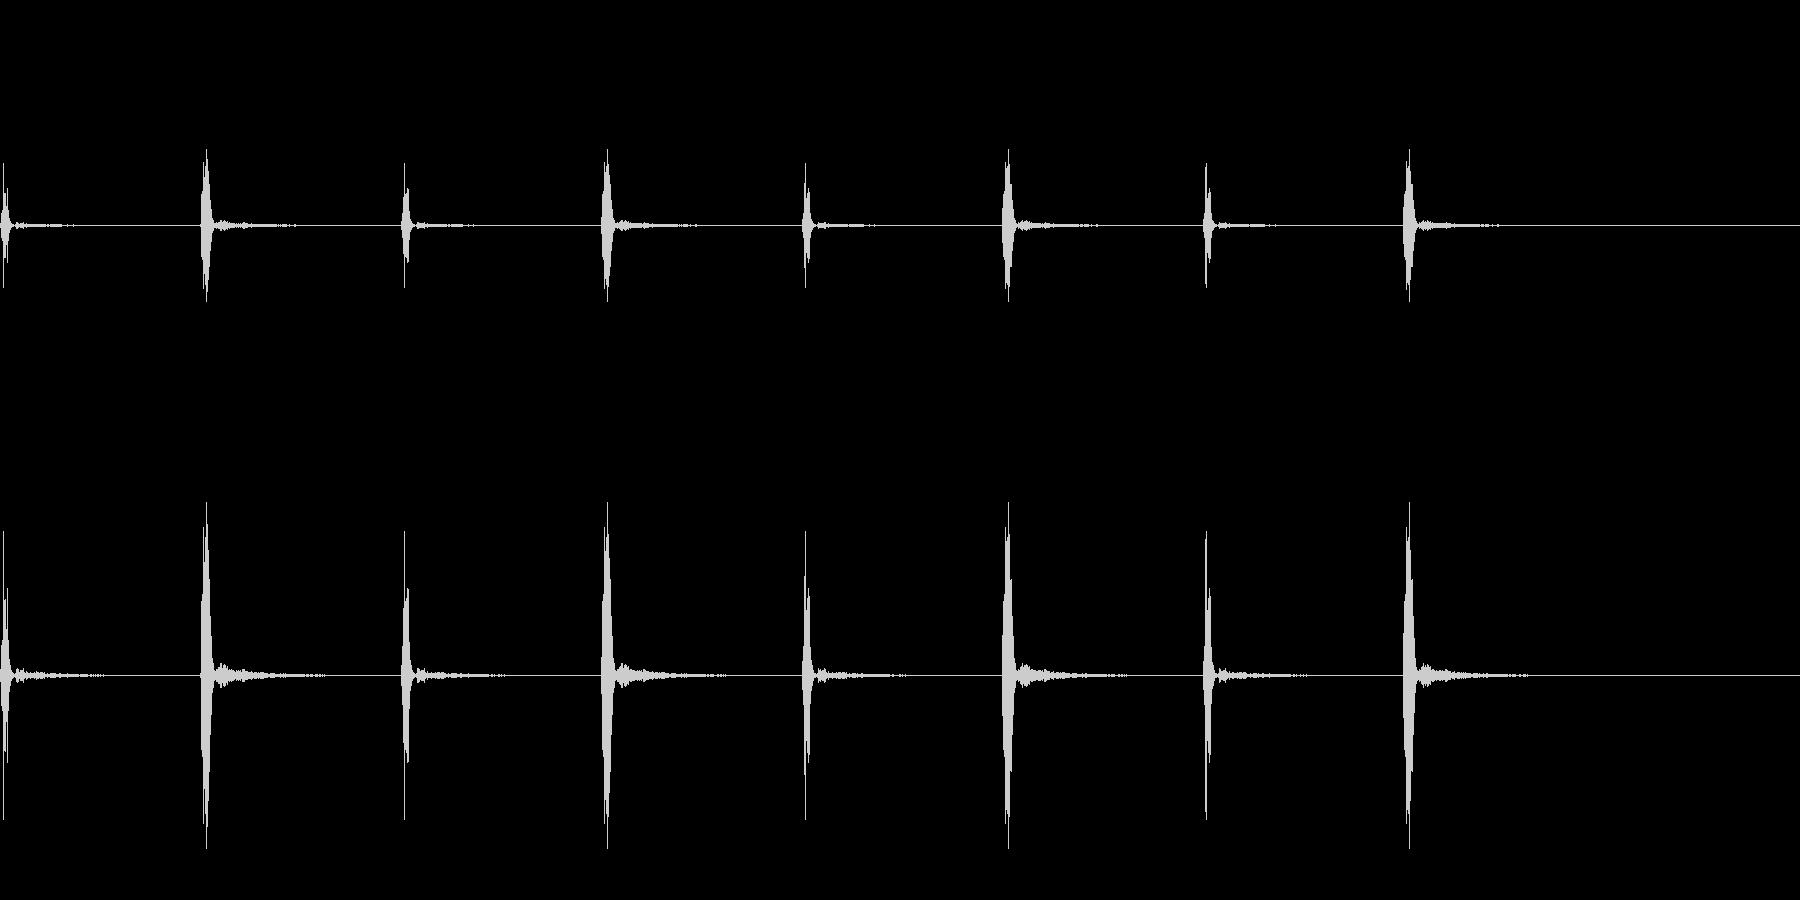 柱時計の秒針_その3の未再生の波形